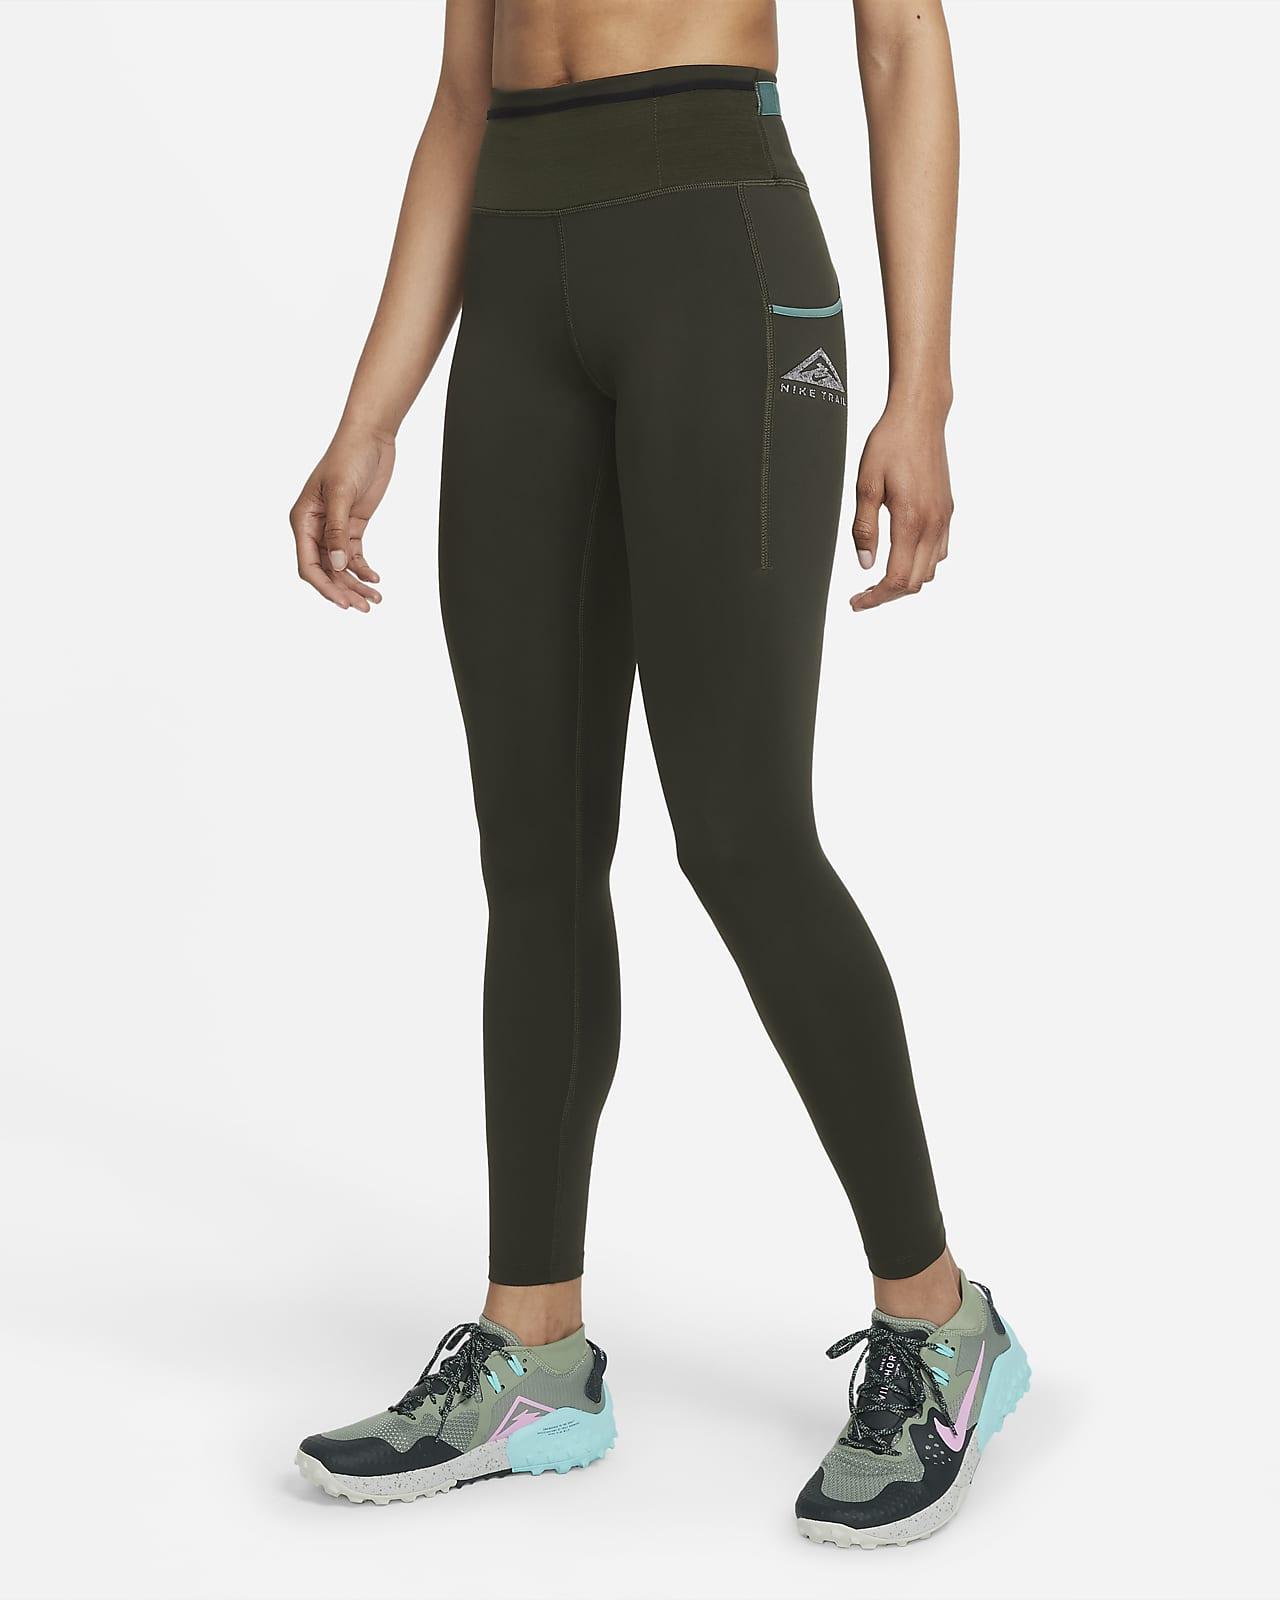 Dámské trailové běžecké legíny Nike Epic Luxe se středně vysokým pasem